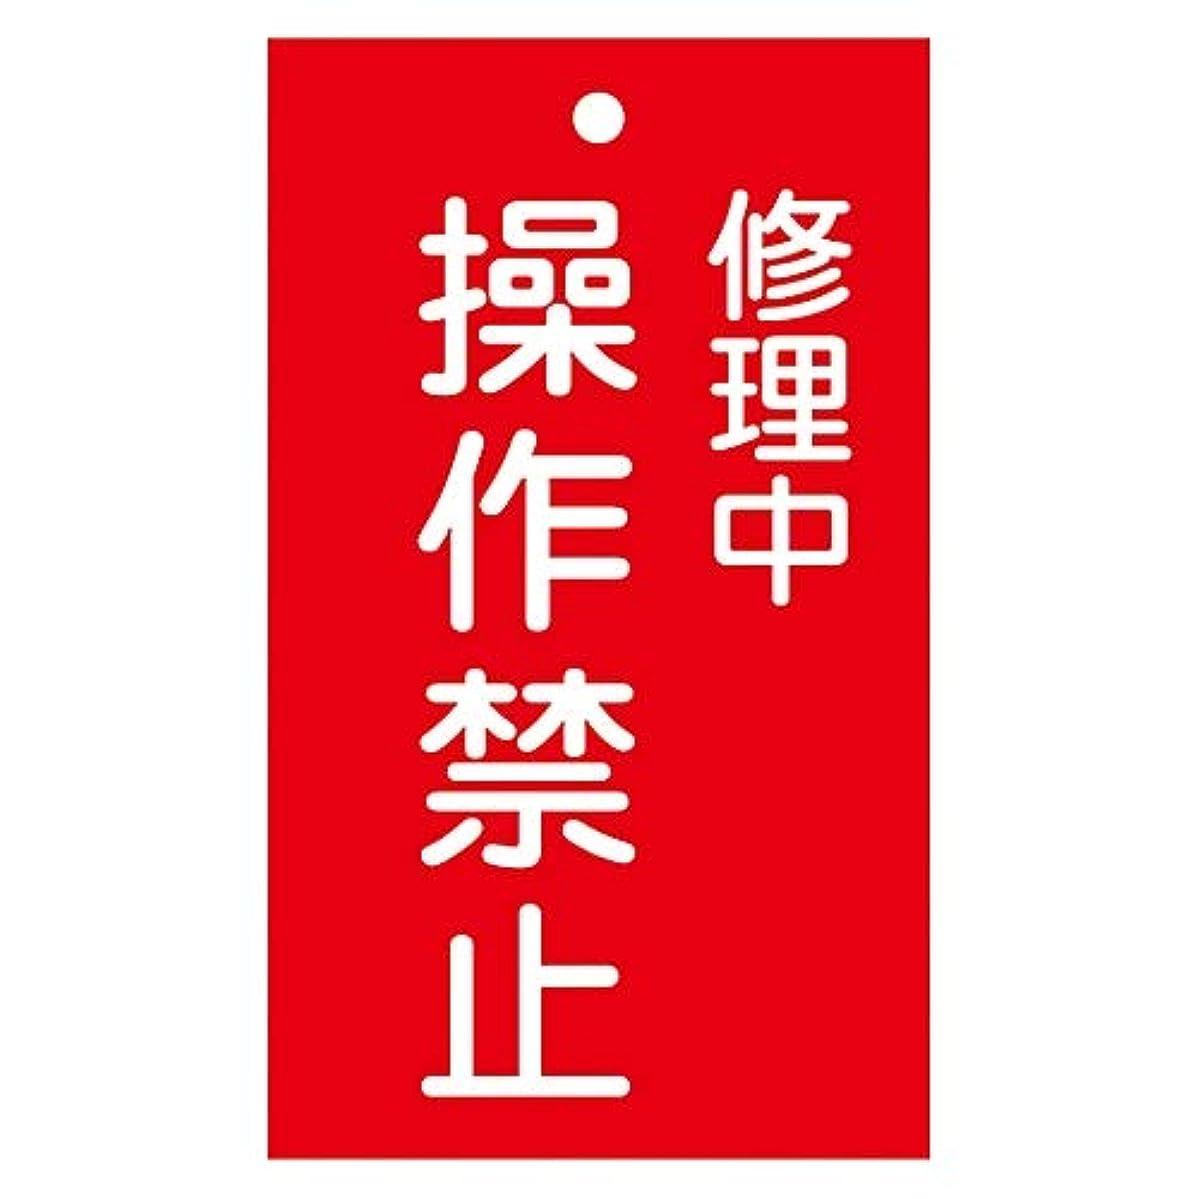 劣るヘビーピック命札 「修理中 操作禁止」 札-202/61-3387-03